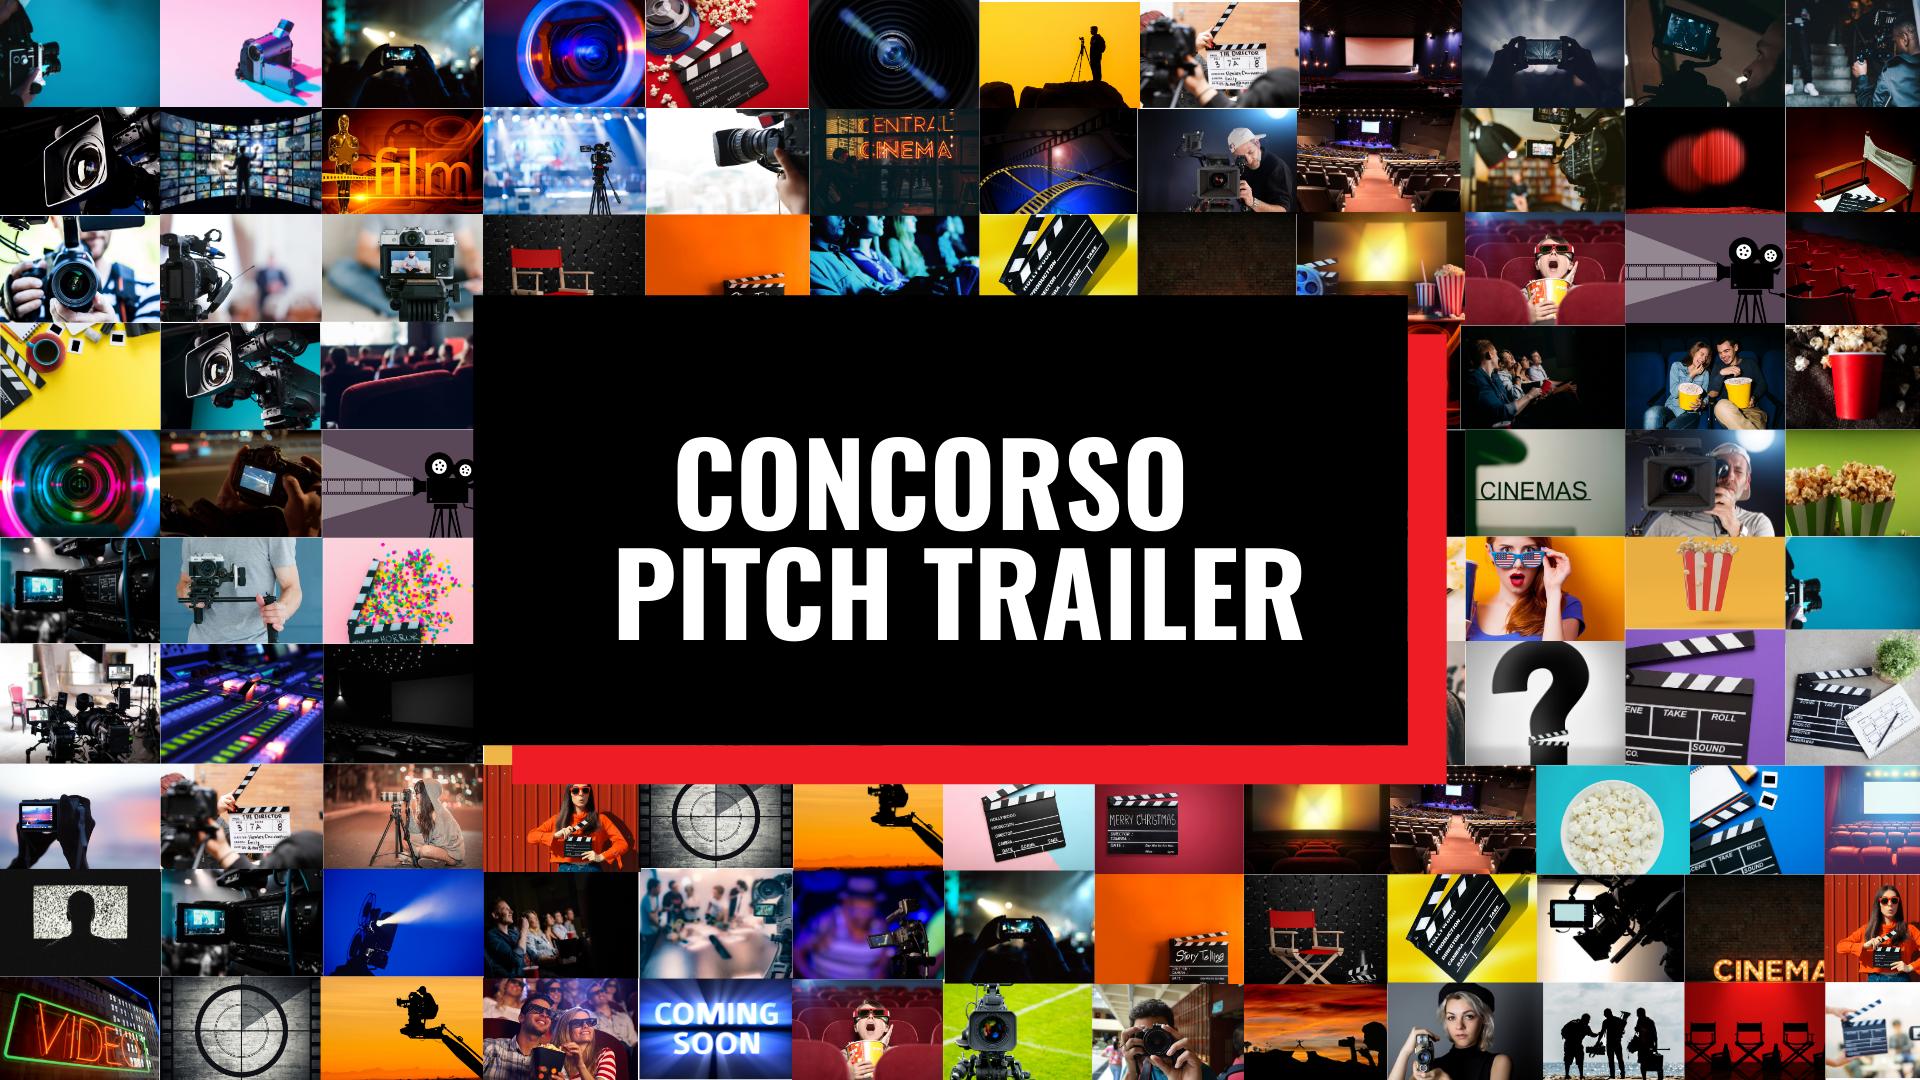 CONCORSO-MIGLIOR-PITCH-TRAILER-SITO-